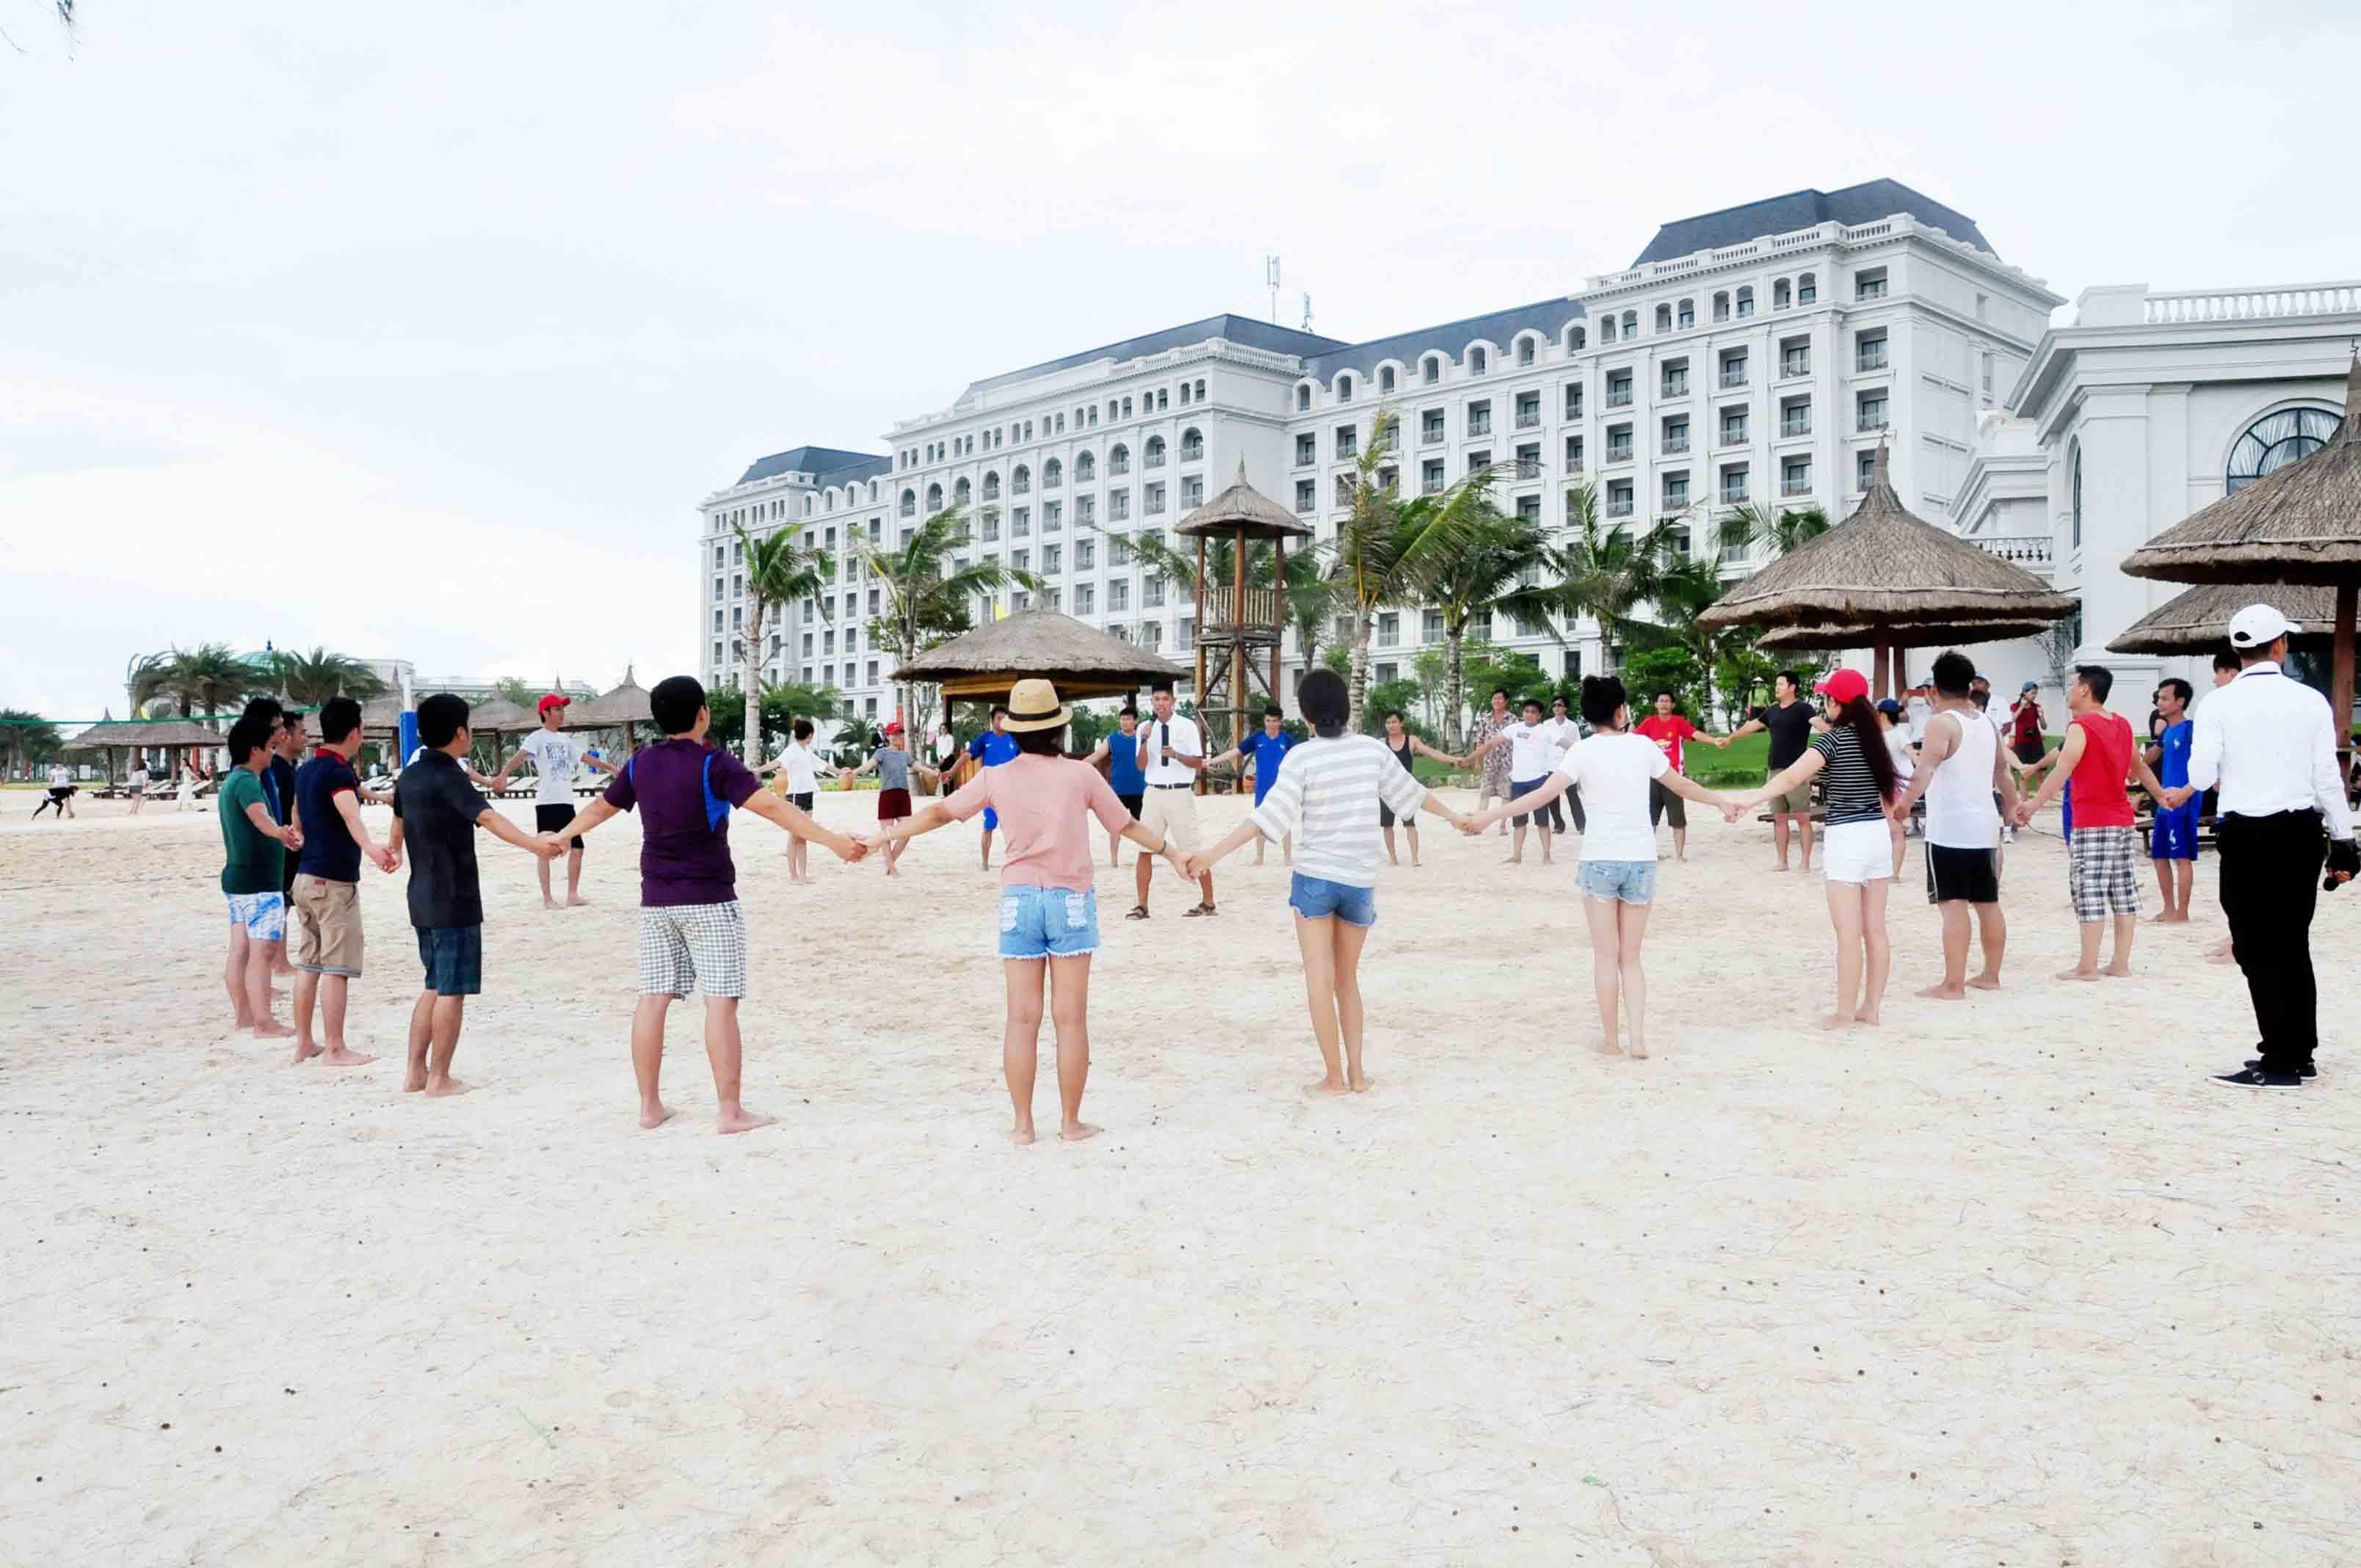 Hạo Phương du lịch nghỉ dưỡng tại Vinpearl Phú Quốc, ảnh 6